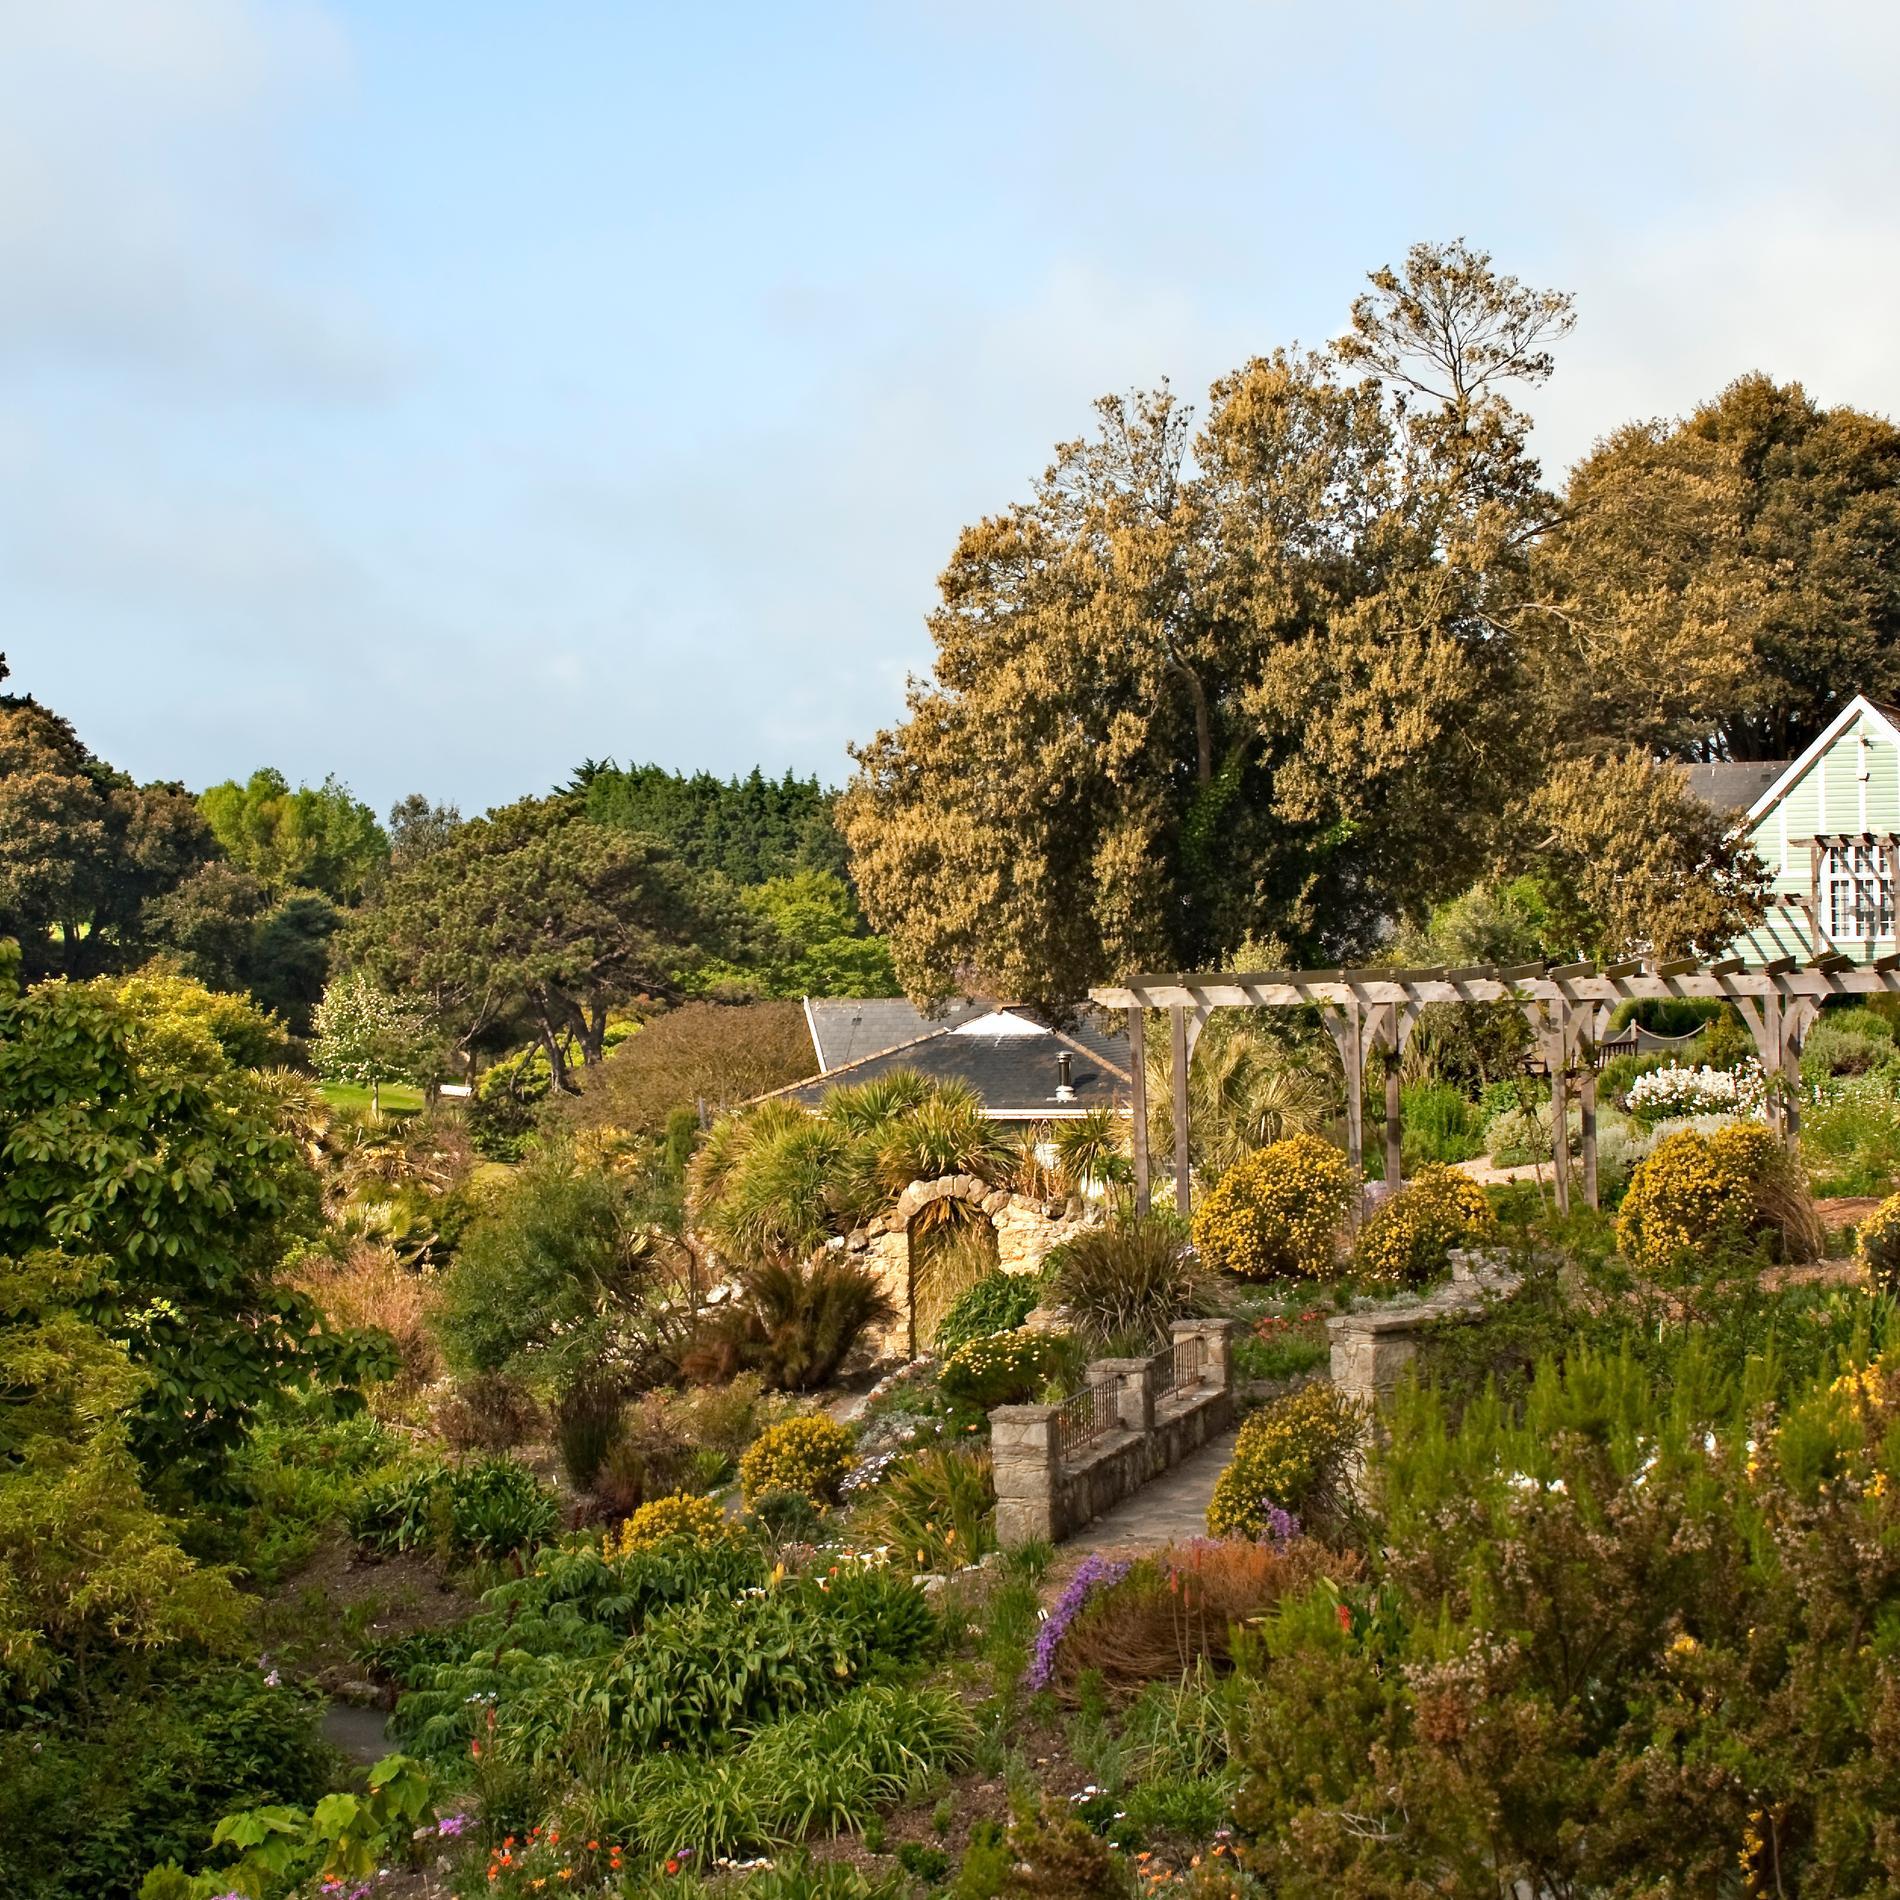 Jardin botanique de Ventnor